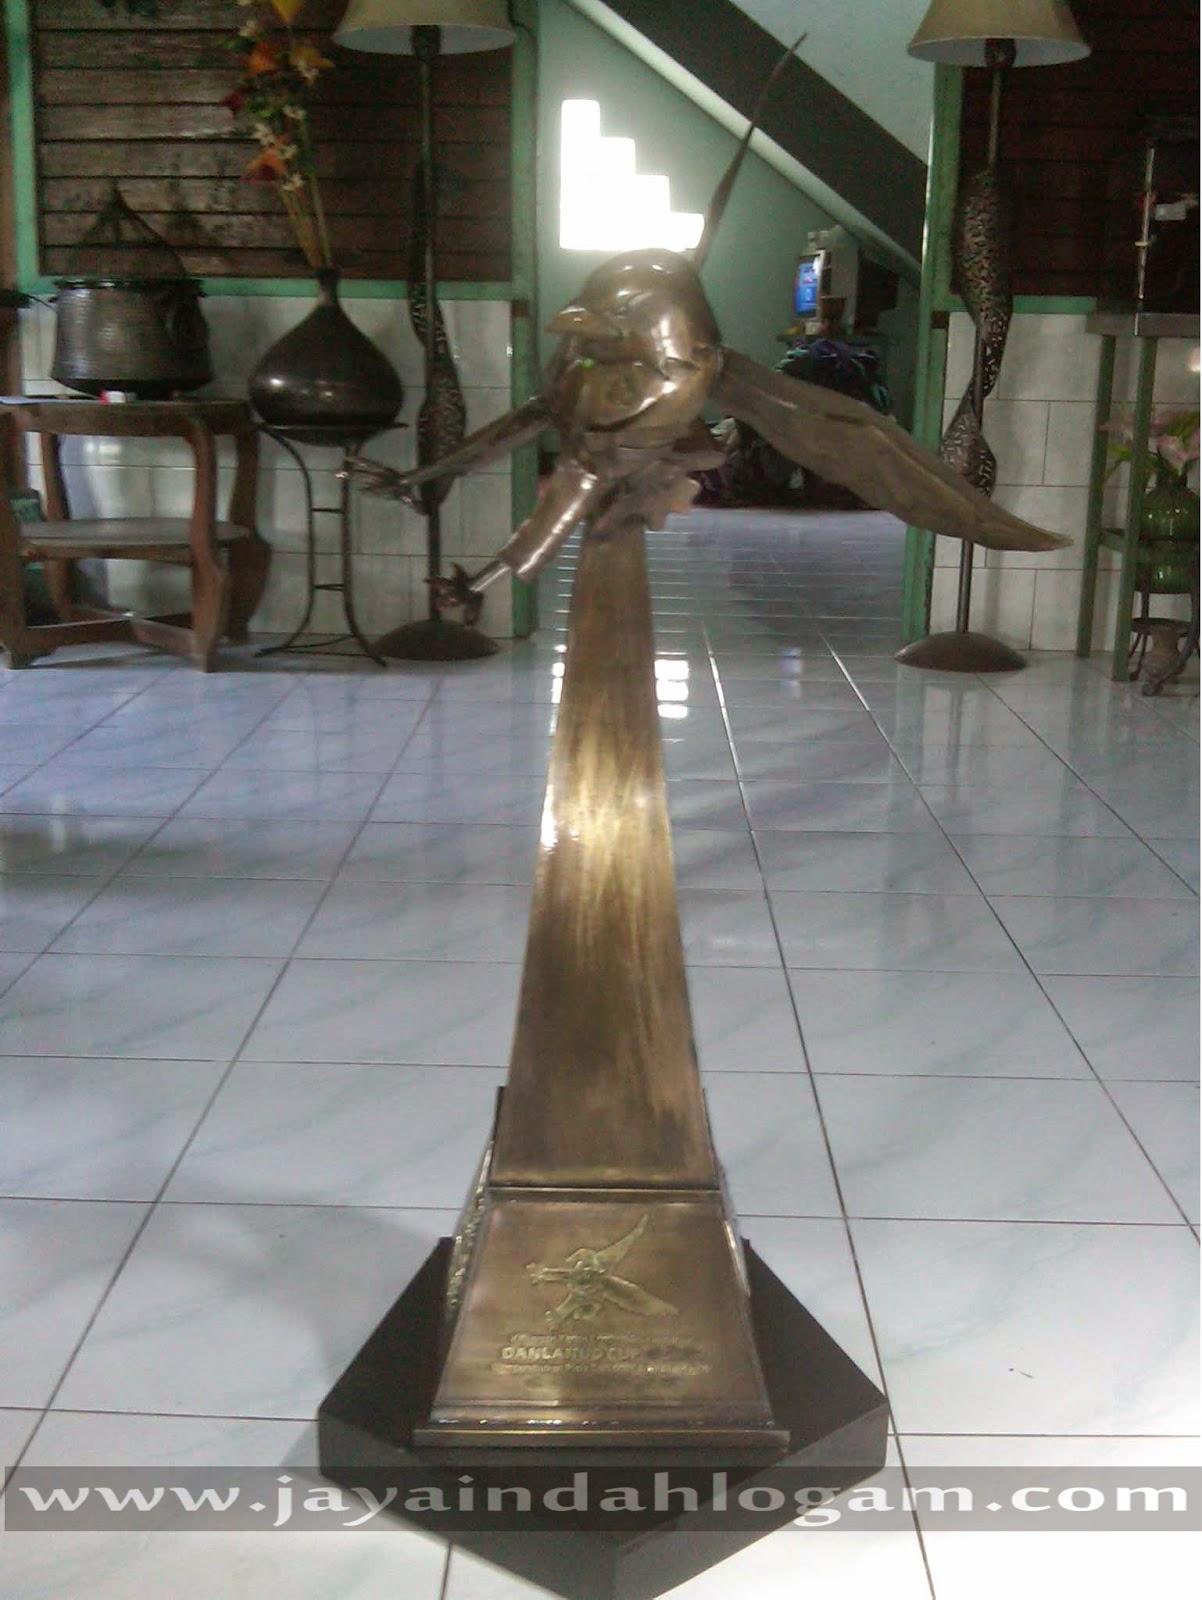 http://www.jayaindahlogam.com/2014/08/kerajinan-piala-tembaga-dan-kuningan.html